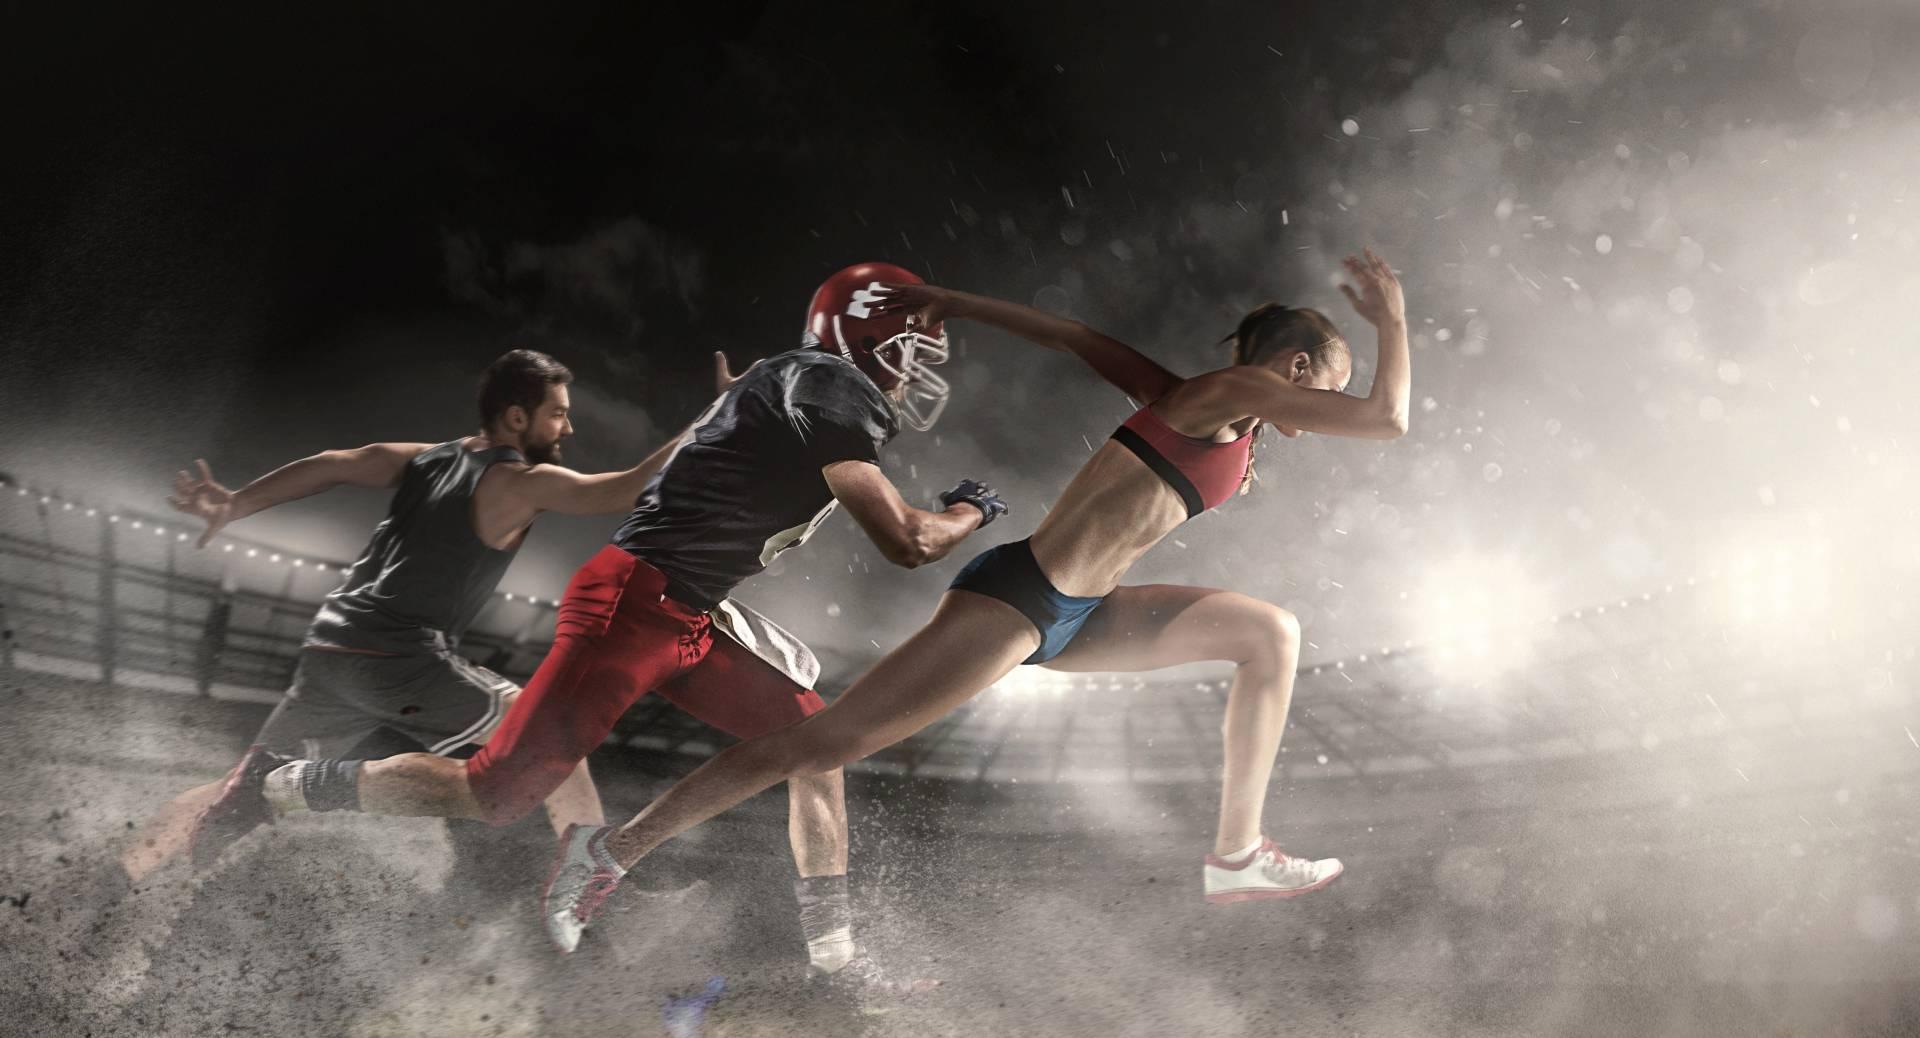 Psychologia sportu: jak odnieść sukces? Zawodnicy z różnych dyscyplin sportowych biegną po stadionie w świetle reflektorów.